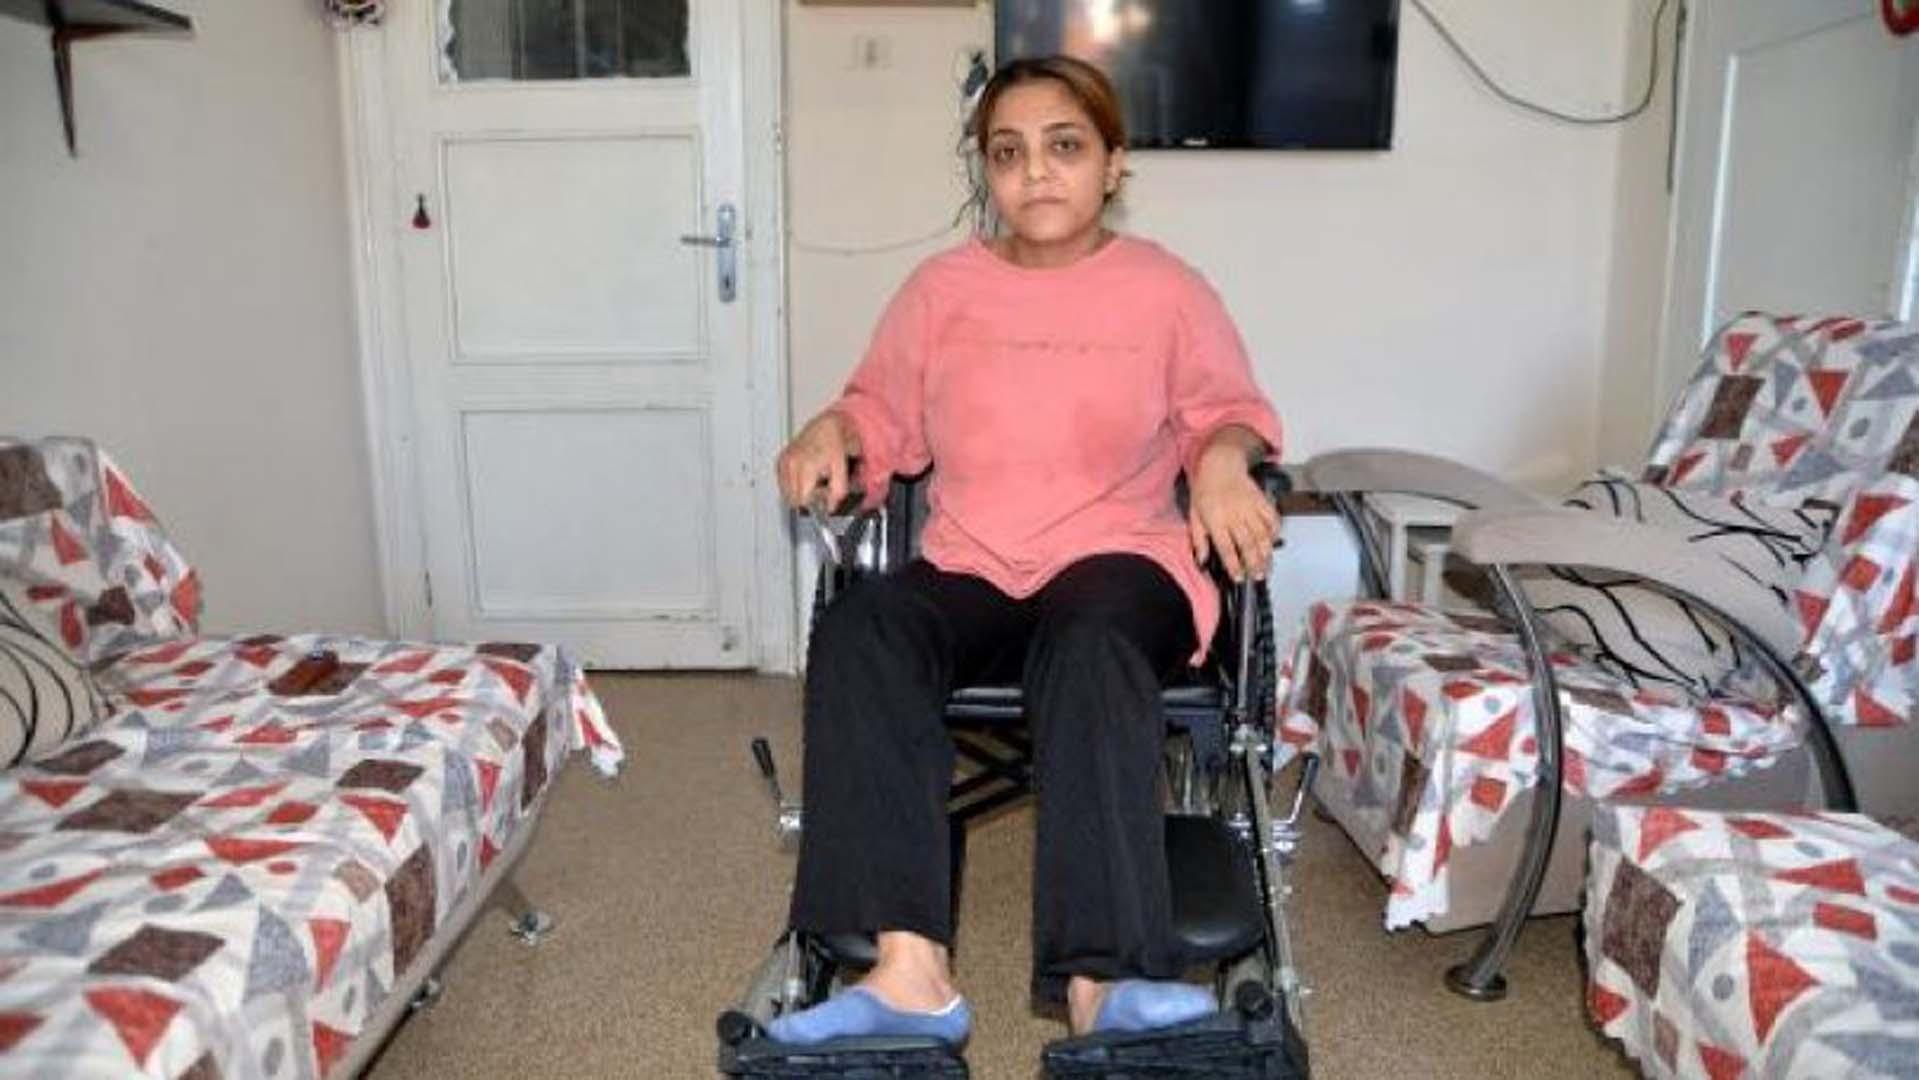 Boşanma aşamasında olduğu erkek tarafından vurulan Derya Demir, 10 aydır yürüyemiyor